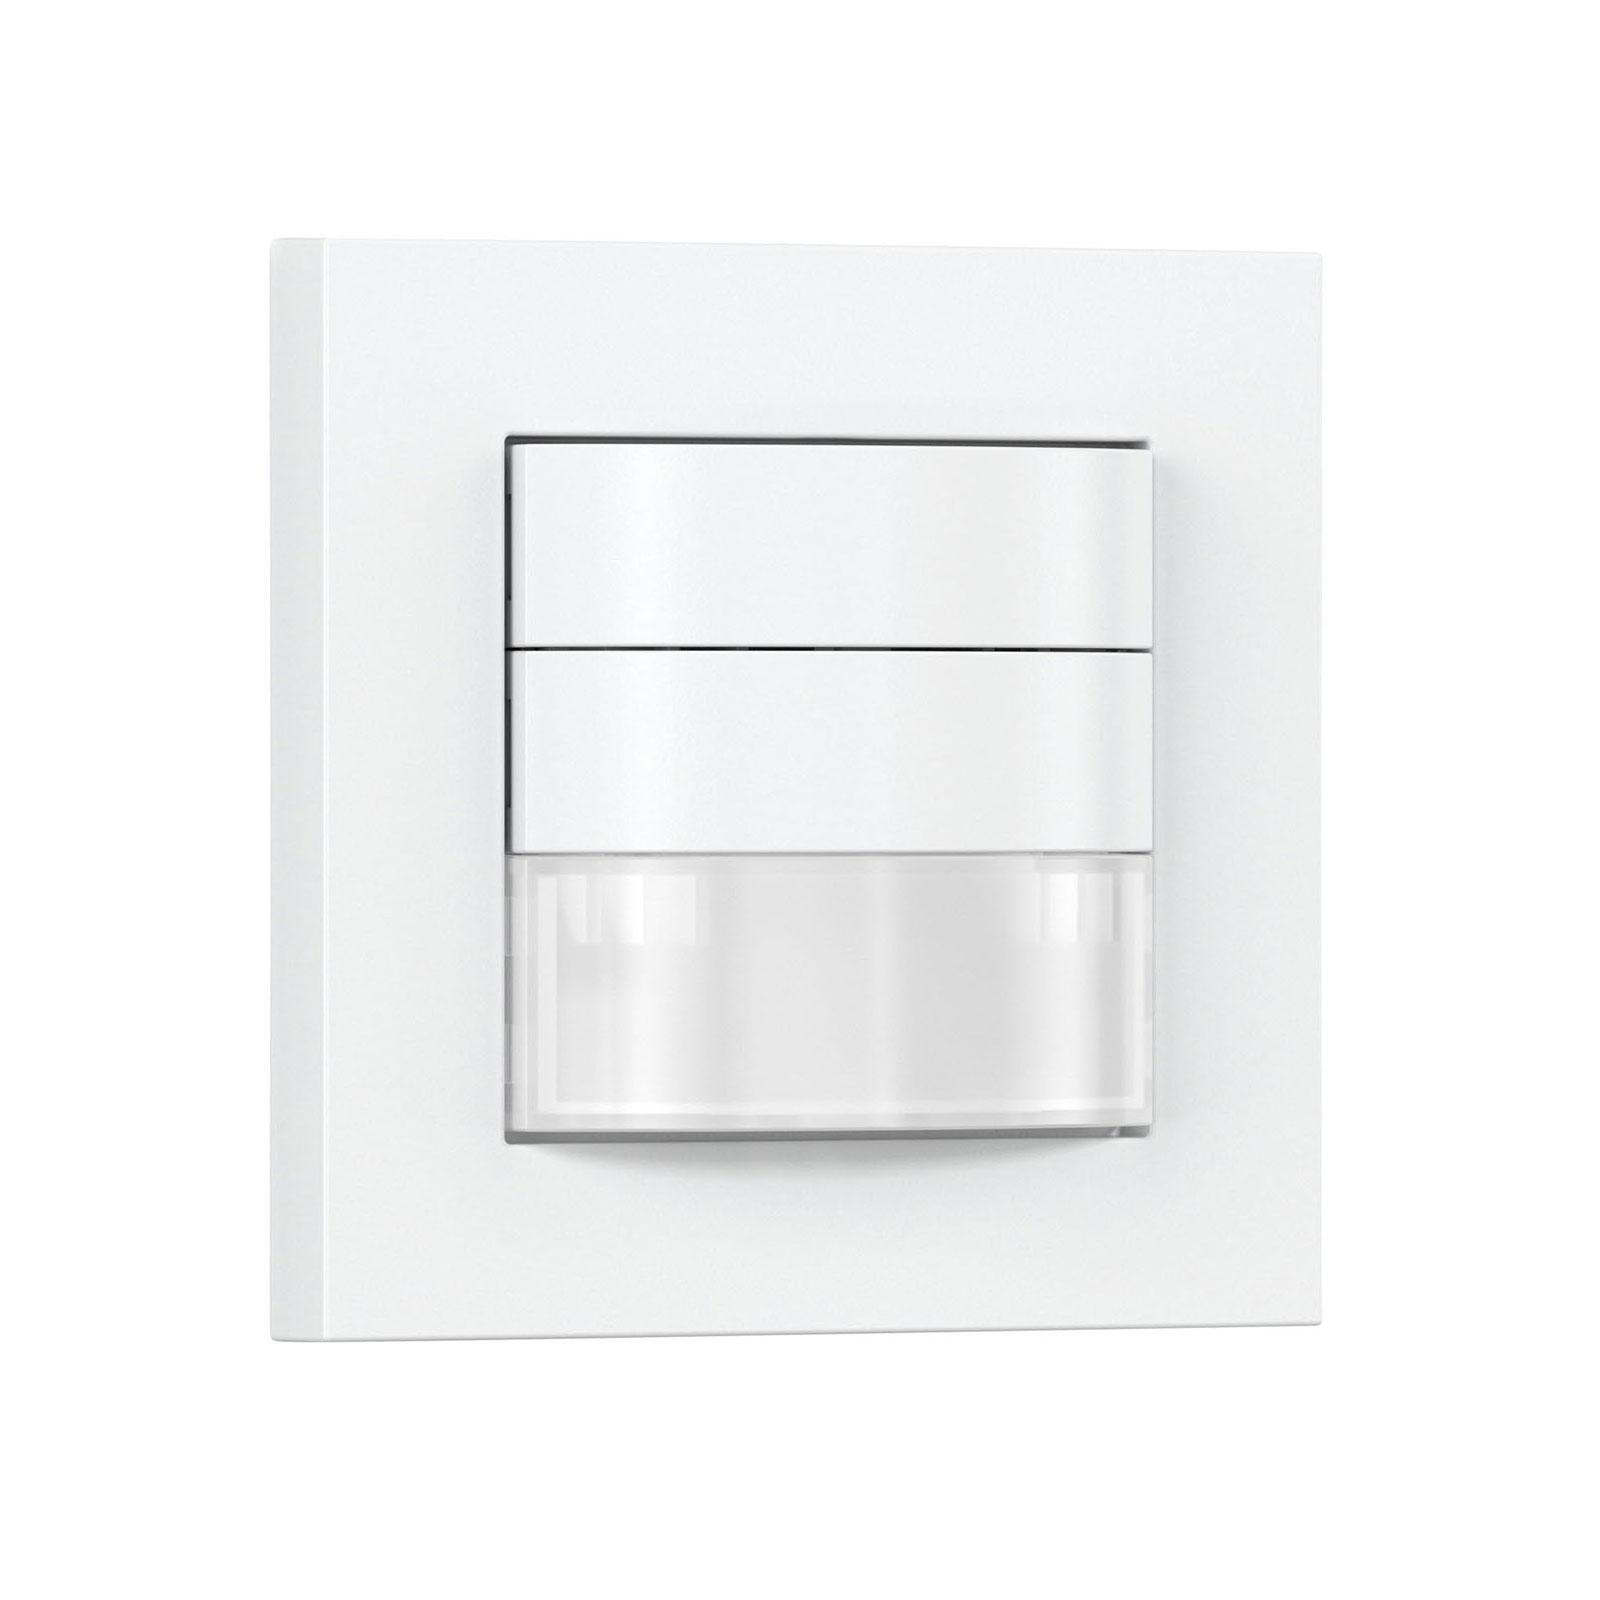 STEINEL HF 180 COM2 Präsenzschalter Unterputz weiß